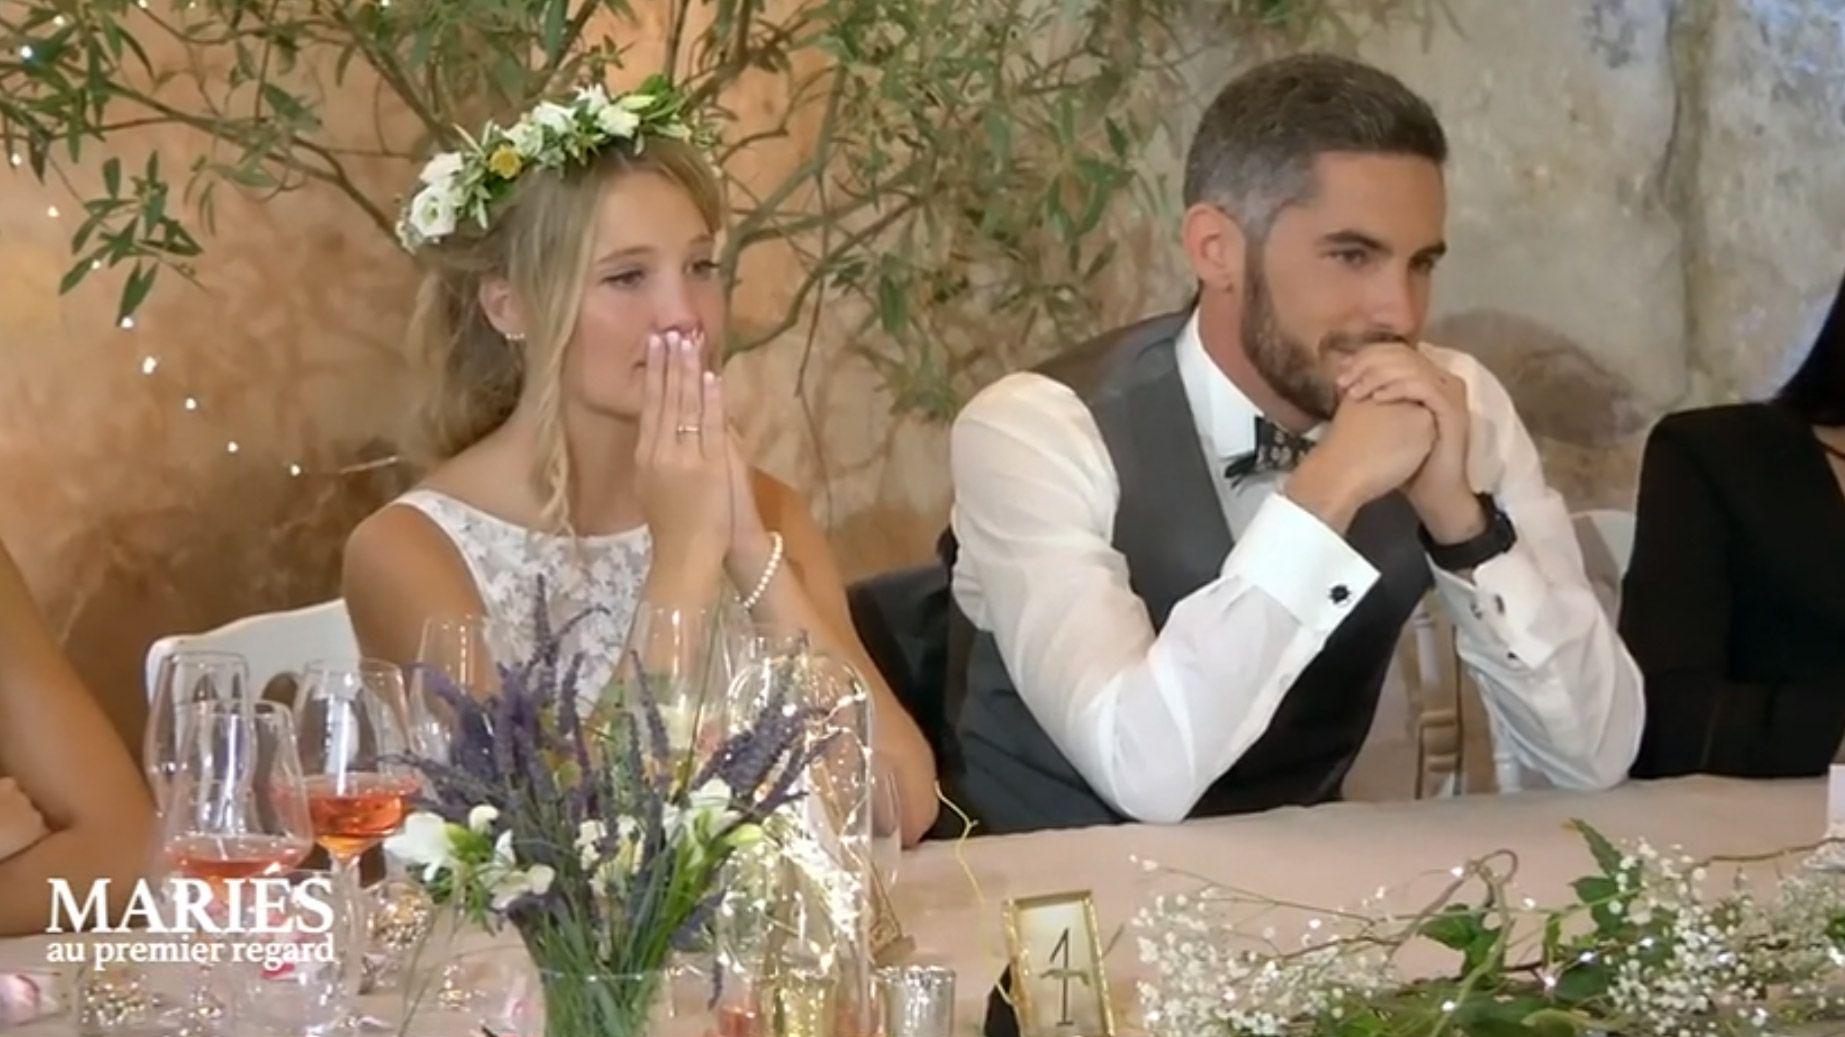 Mariés au premier regard : A part RTL TVI, est-ce que ...